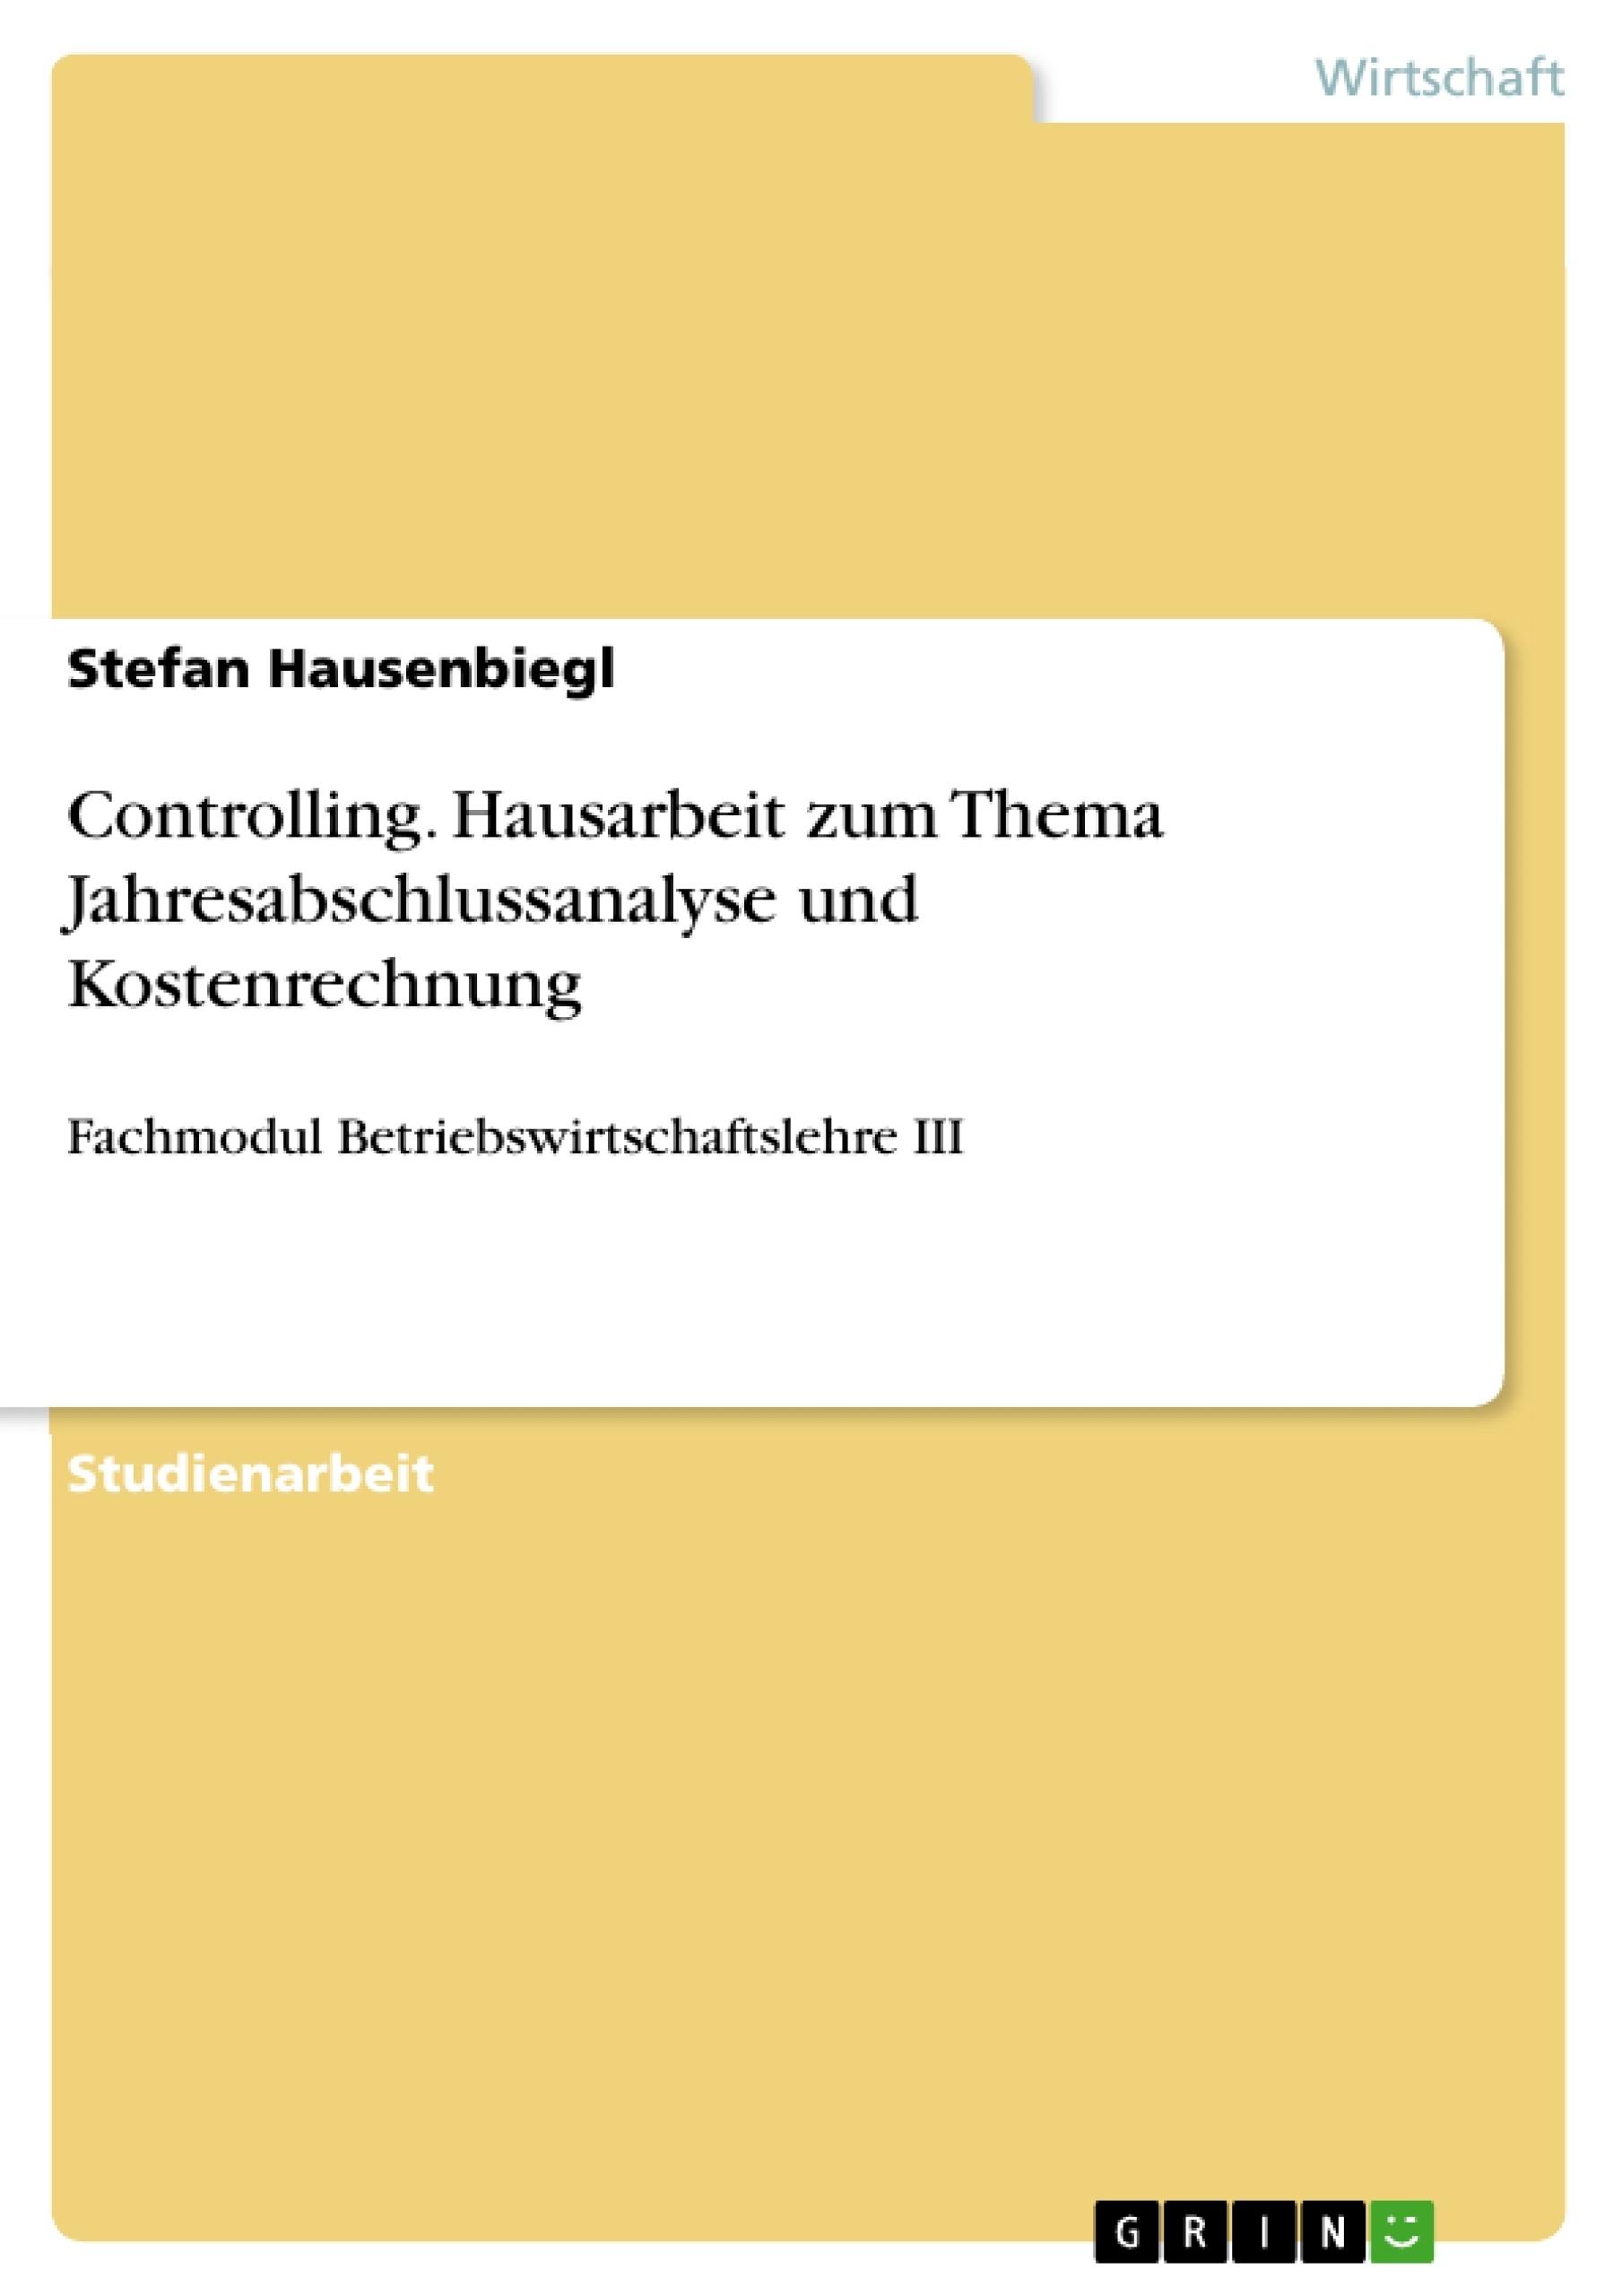 Titel: Controlling. Hausarbeit zum Thema Jahresabschlussanalyse und Kostenrechnung